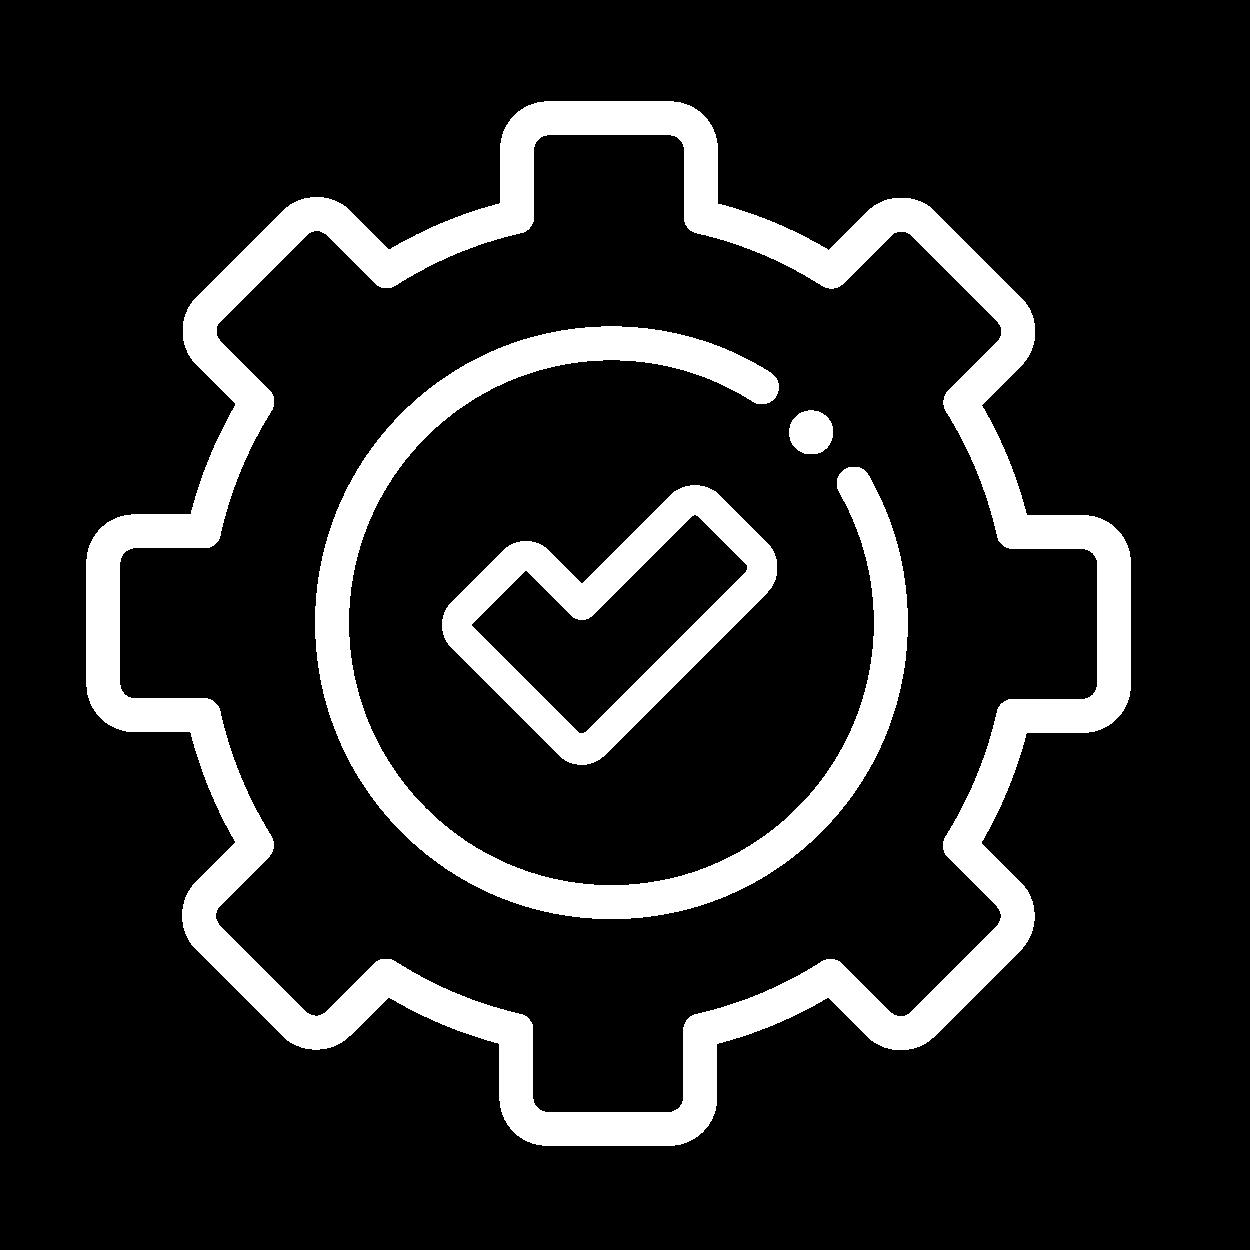 icone administração propria